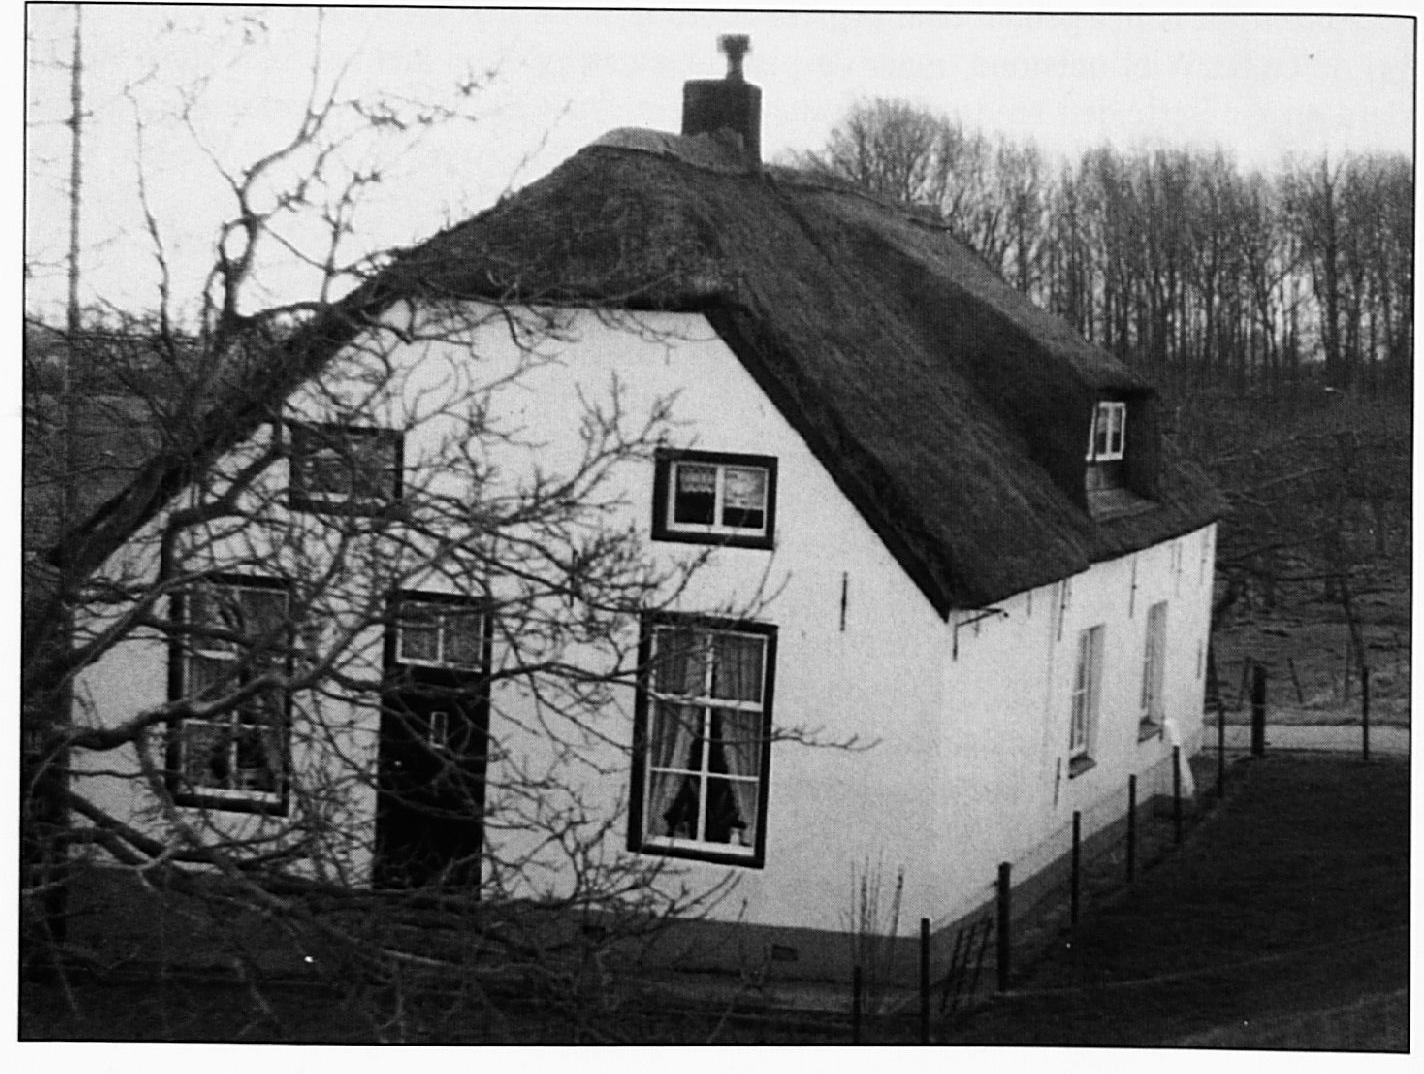 Deze boerderij, nu bewoond door de fam. v.d. Hurk, is zeer oud. Een vijftigtal meter verder oostelijk stonden ook diverse gebouwen.